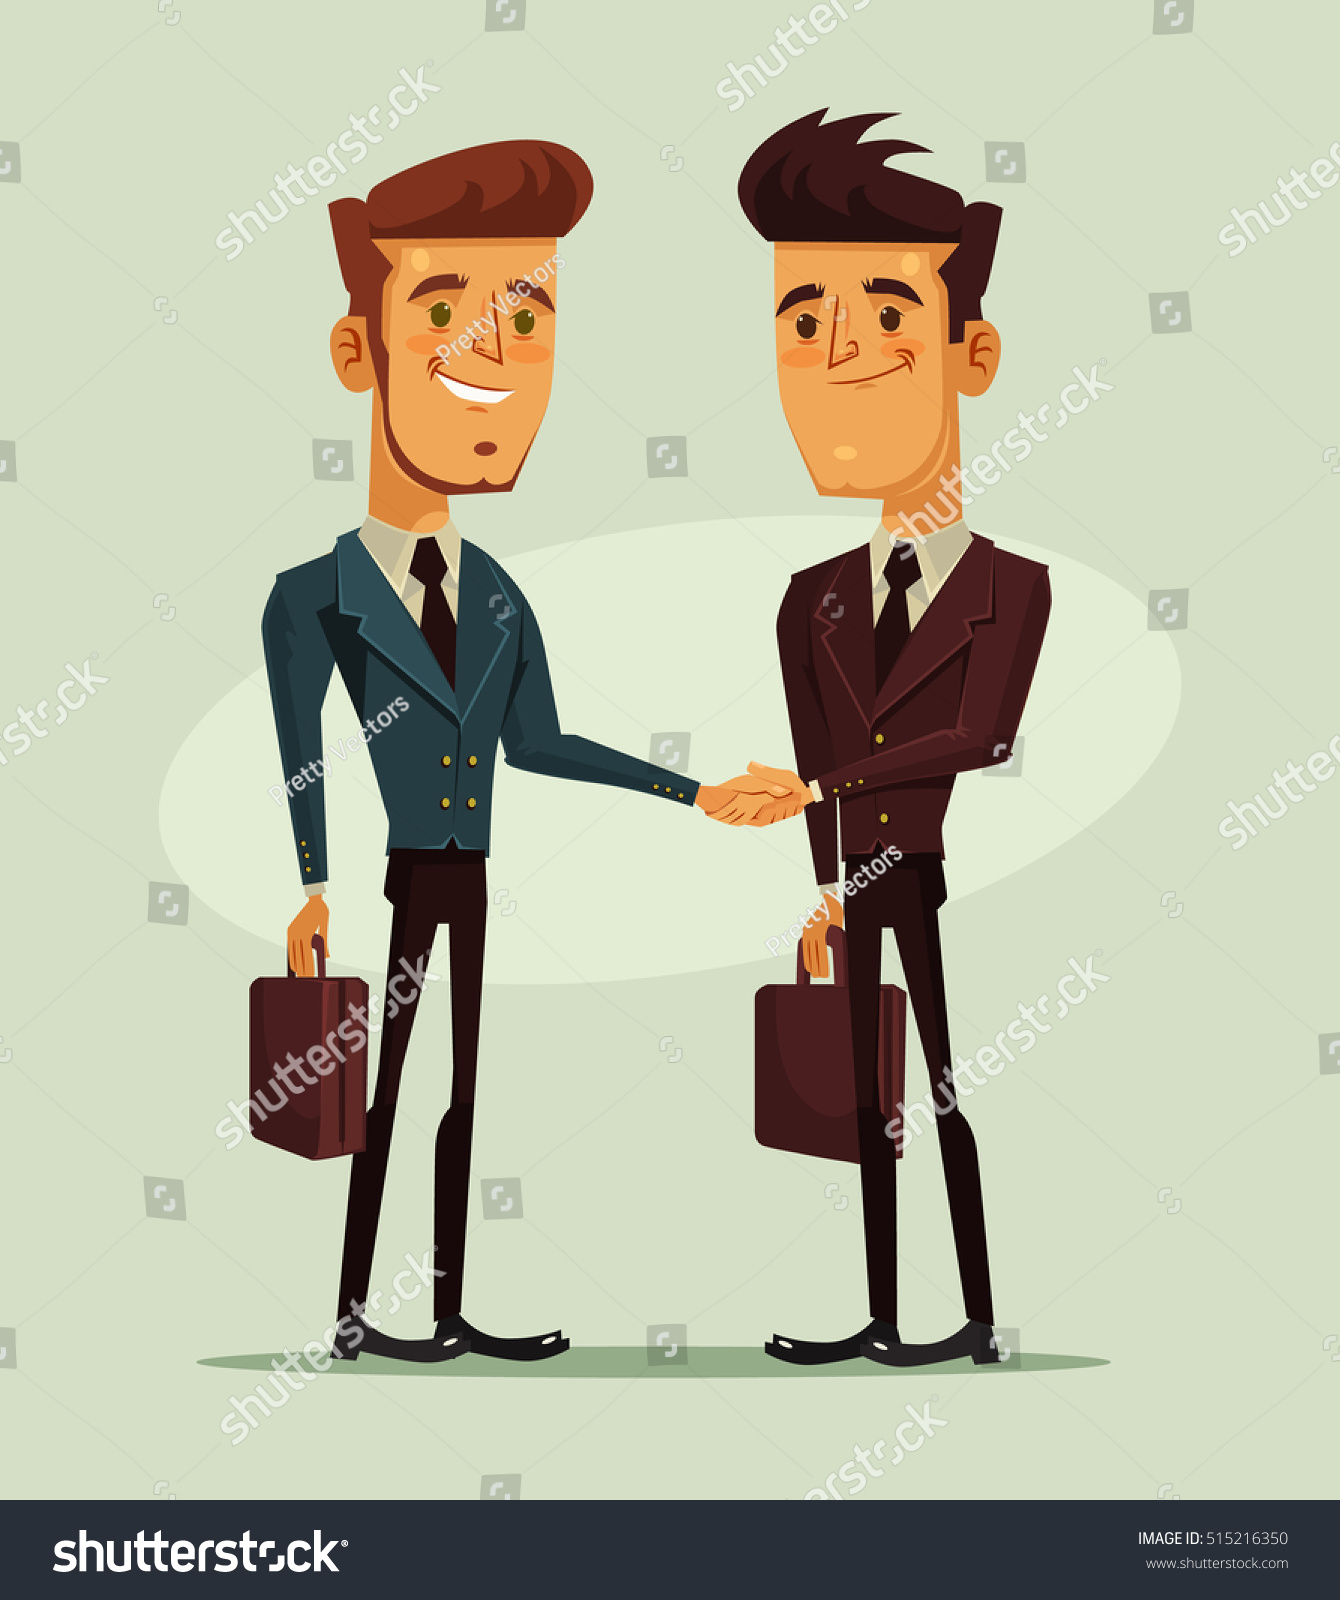 Business team cartoon characters cartoon vector cartoondealer com - Two Businessmen Characters Shaking Hands Business Financial Success Vector Flat Cartoon Illustration